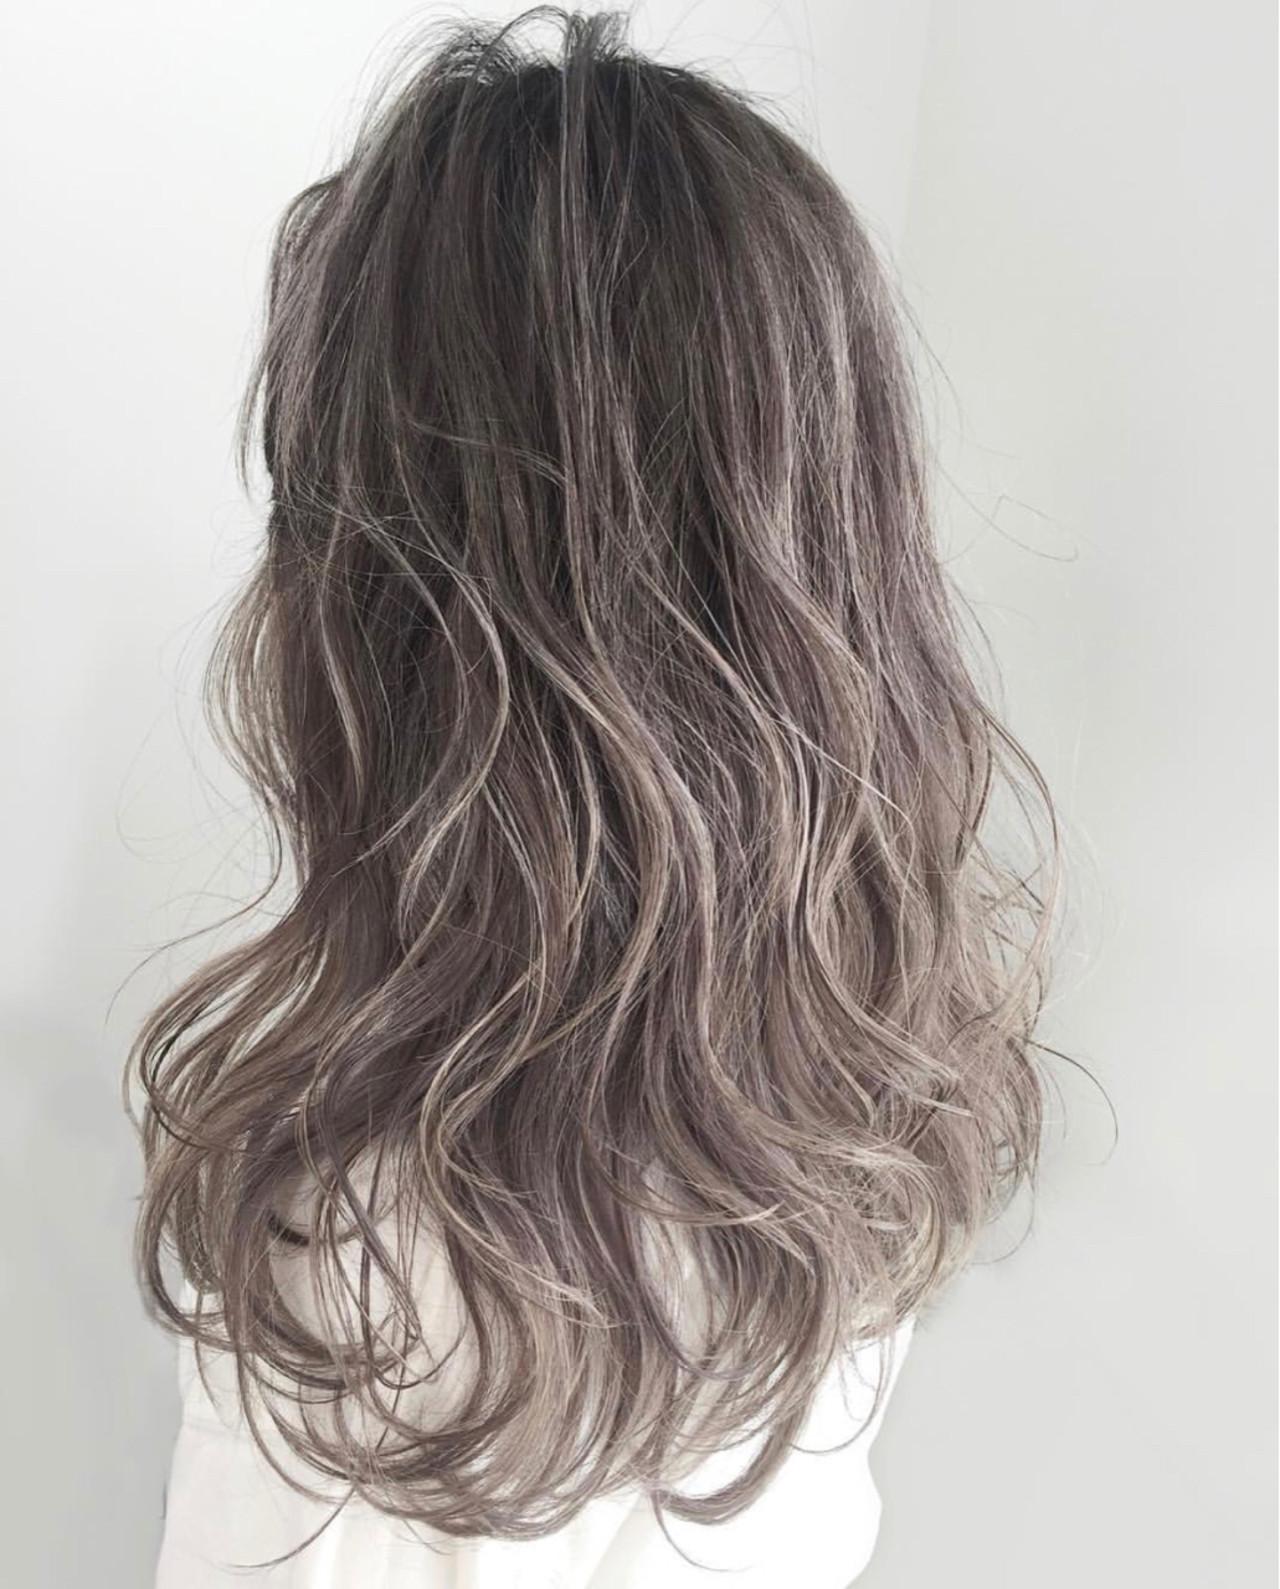 ヘアアレンジ ストリート アッシュ グレージュヘアスタイルや髪型の写真・画像